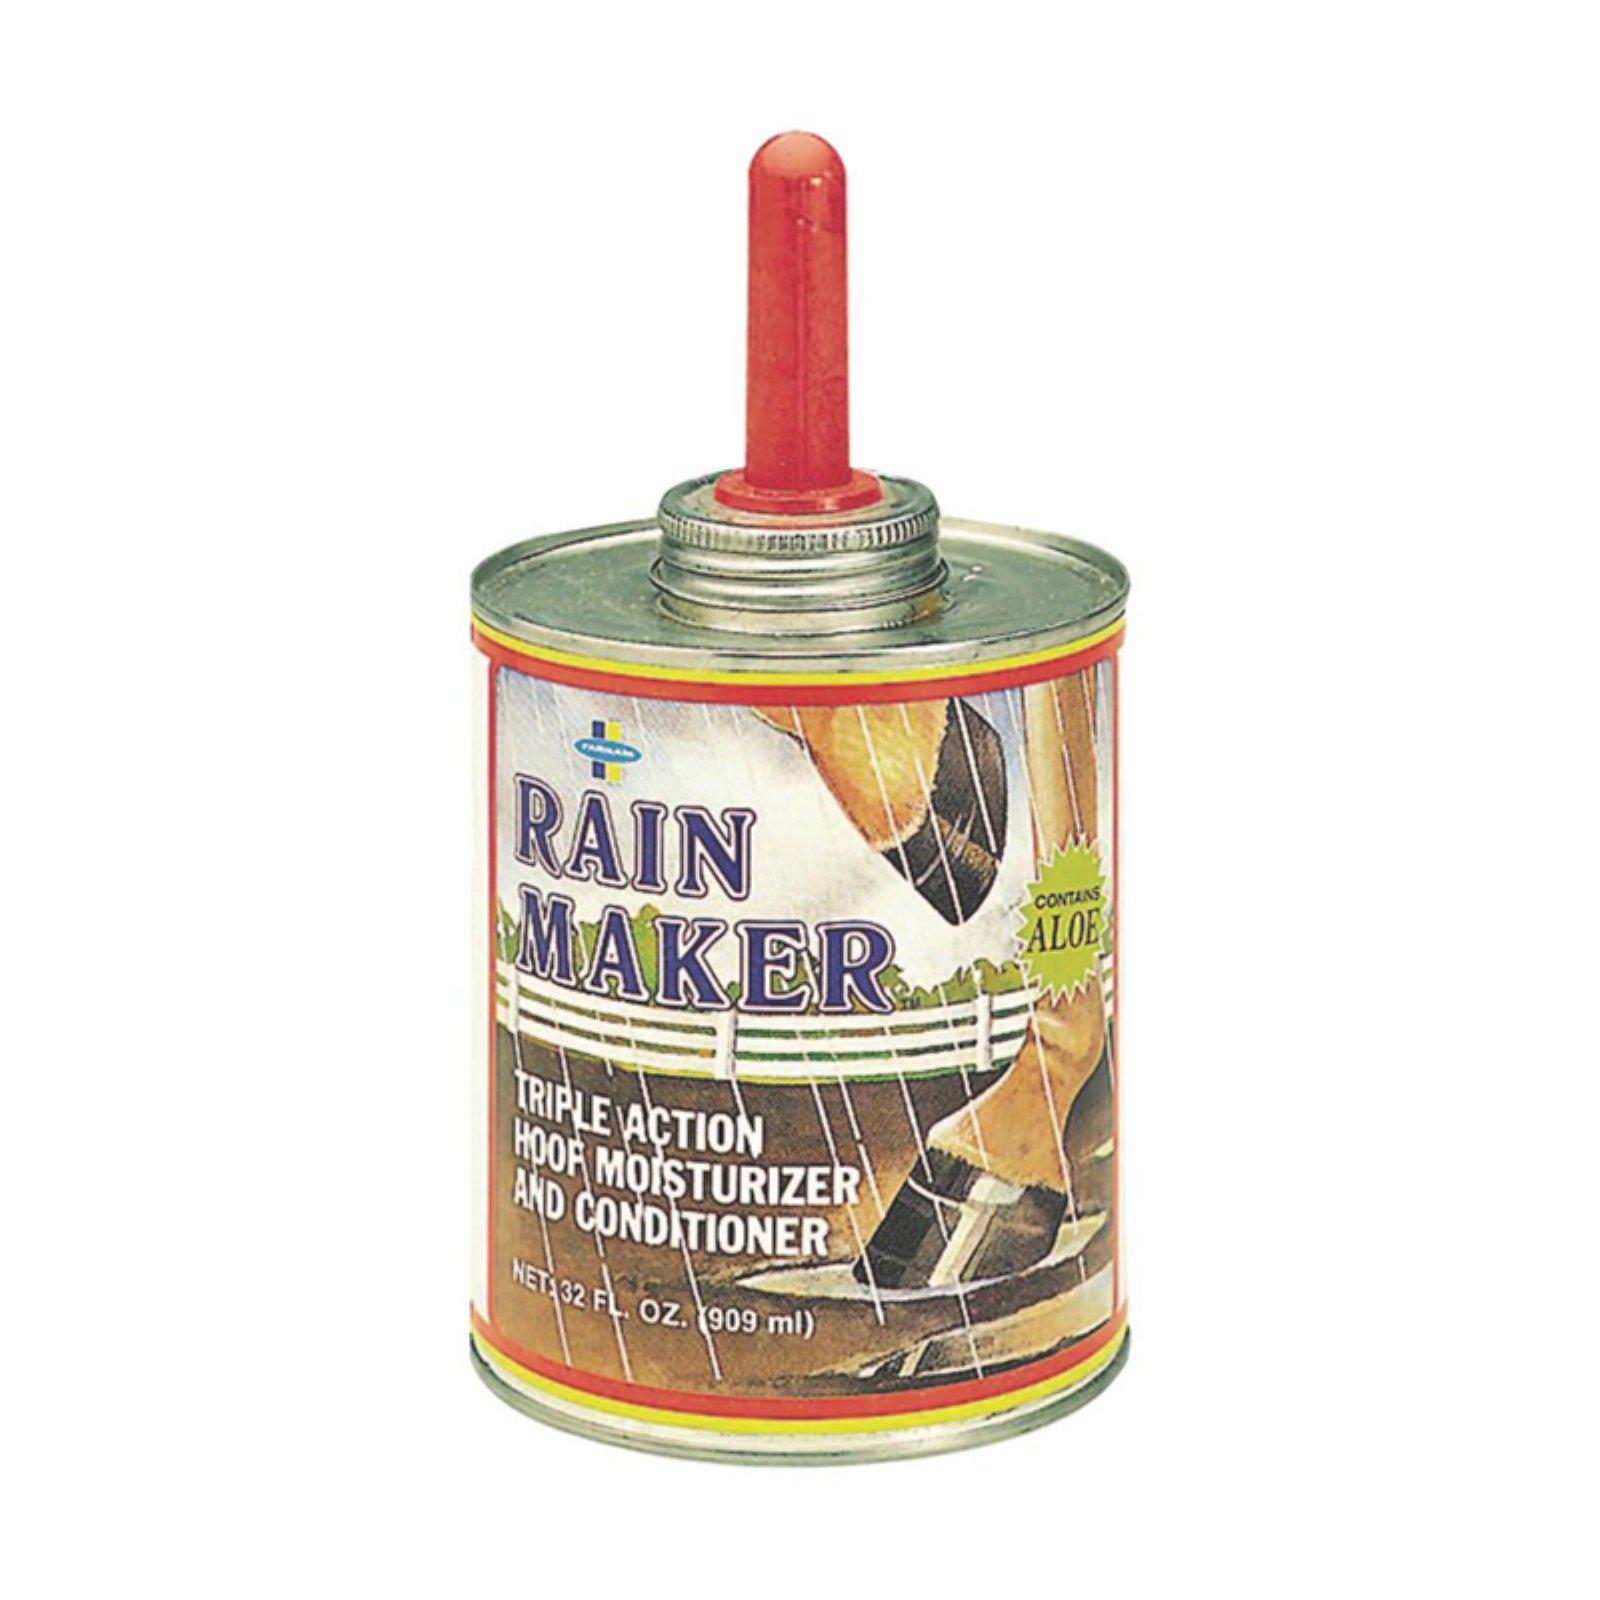 Farnam Rain Maker Hoof Moisturizer